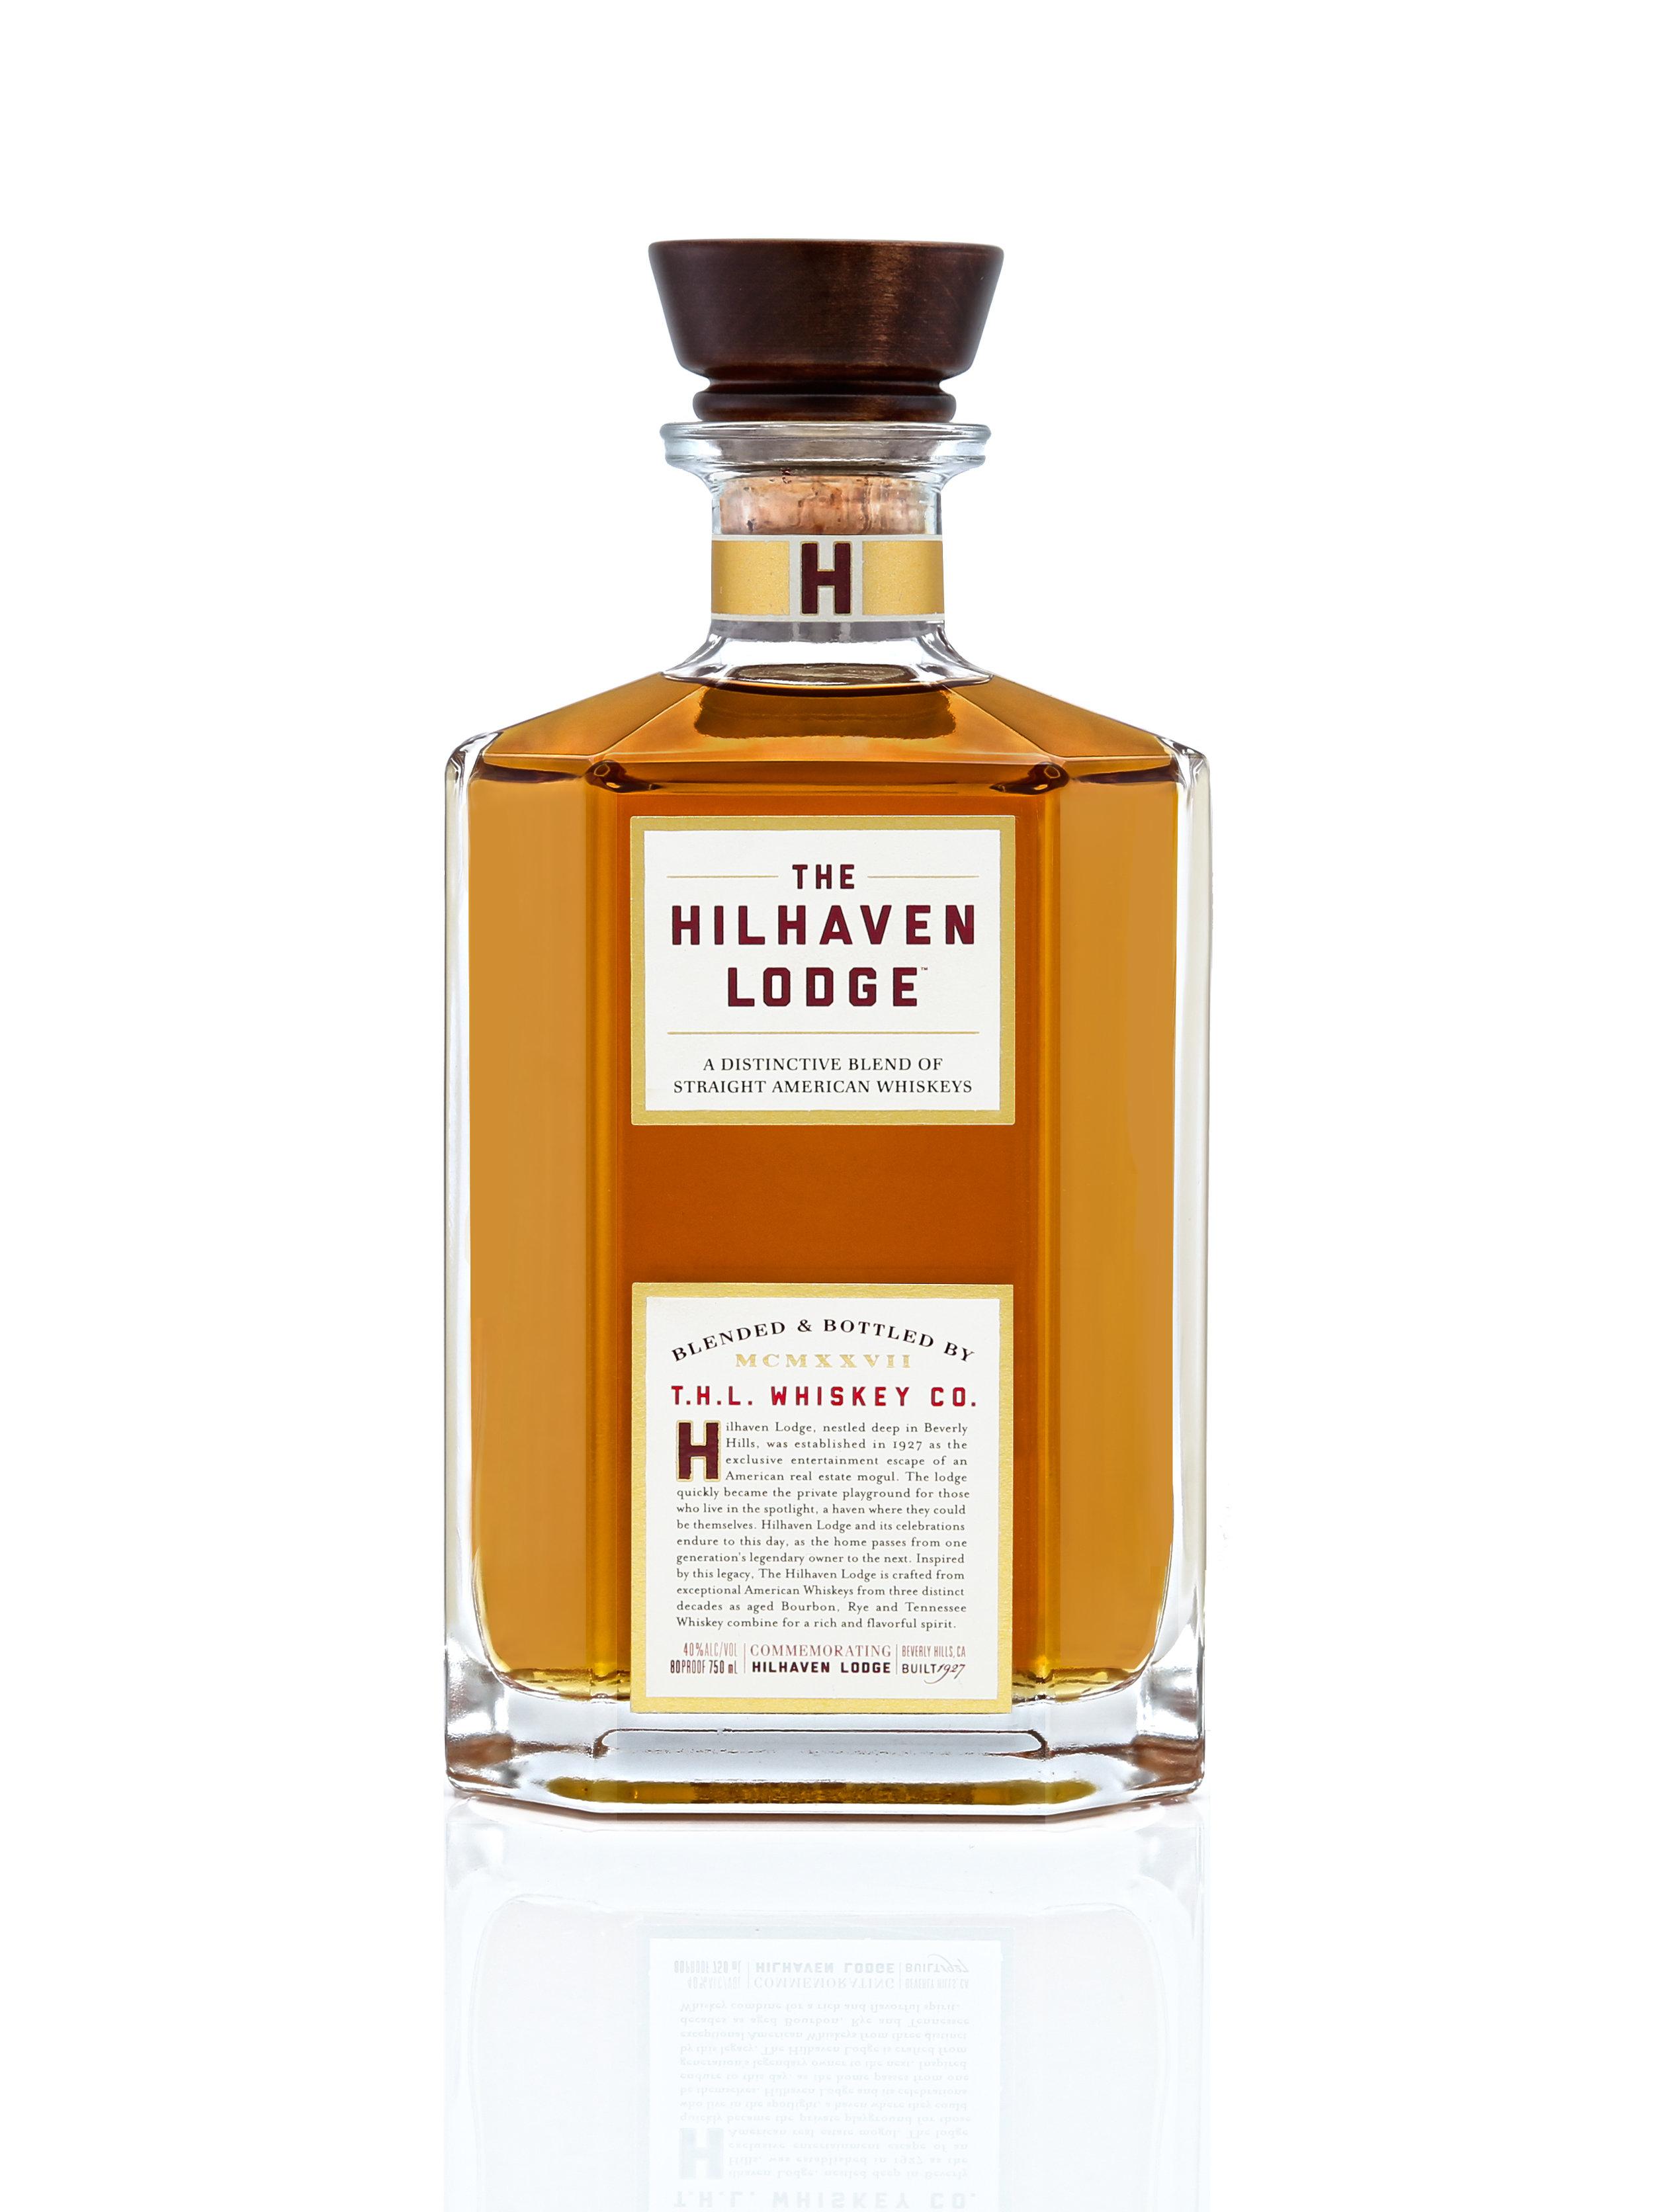 80336-The-Hilhaven-Lodge-Glamour-Bottle-Shot.jpg